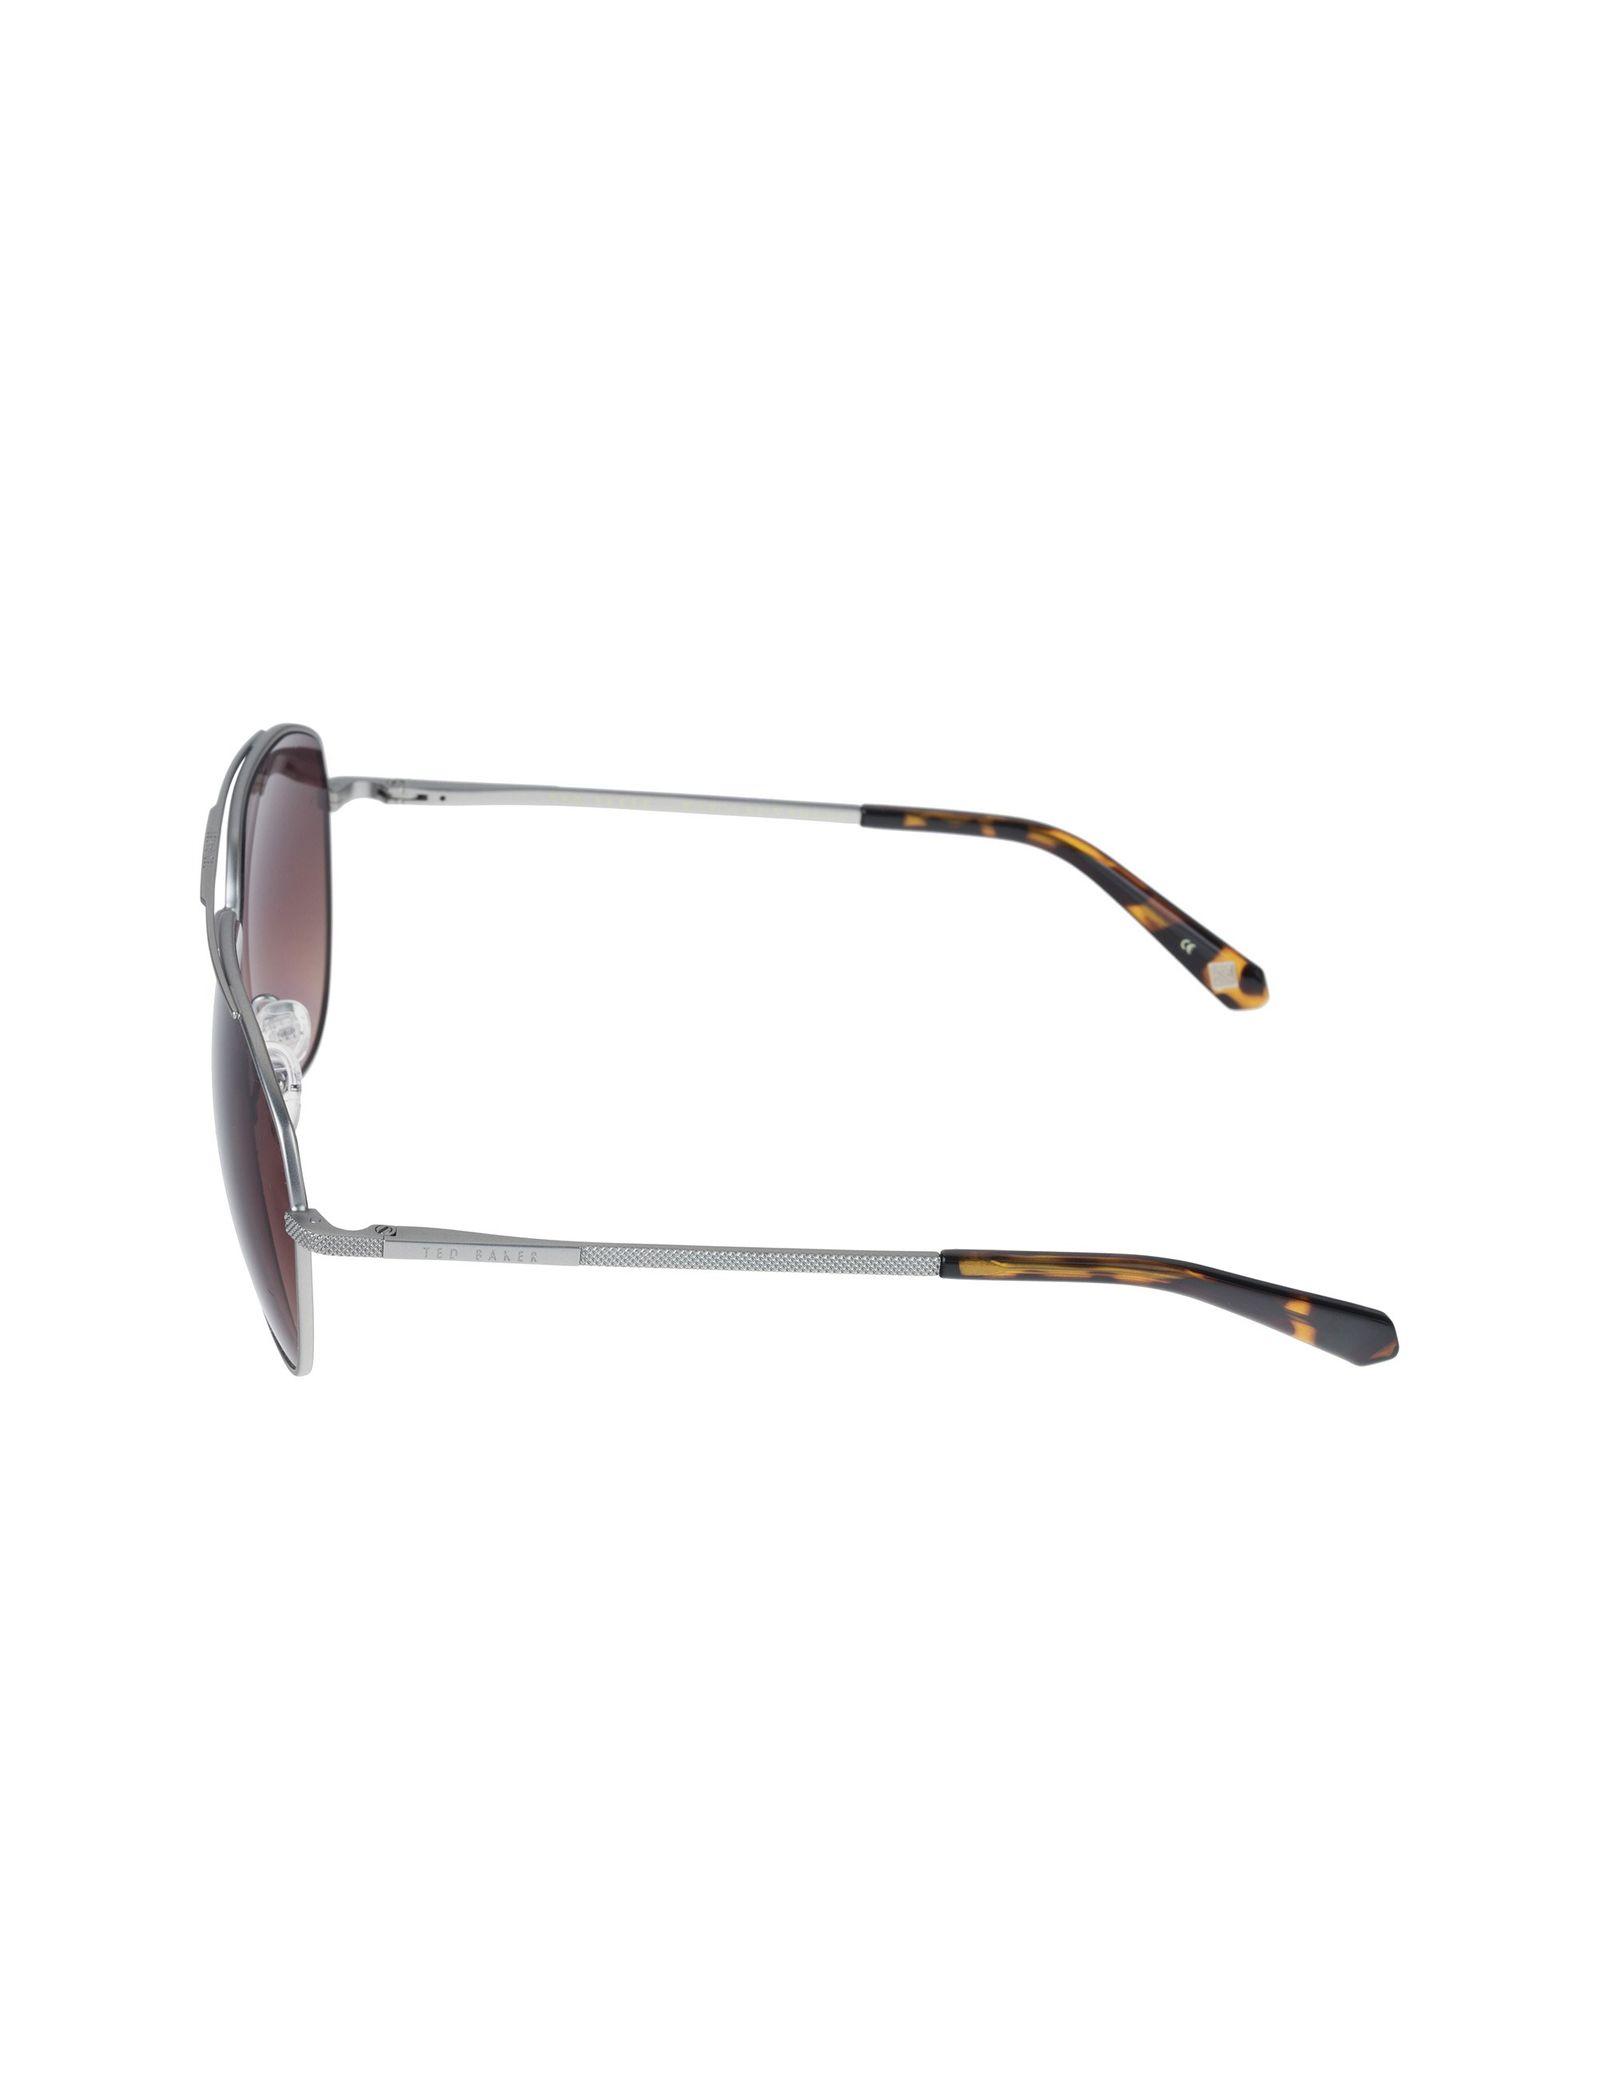 عینک آفتابی خلبانی بزرگسال - تد بیکر - نقره اي - 3